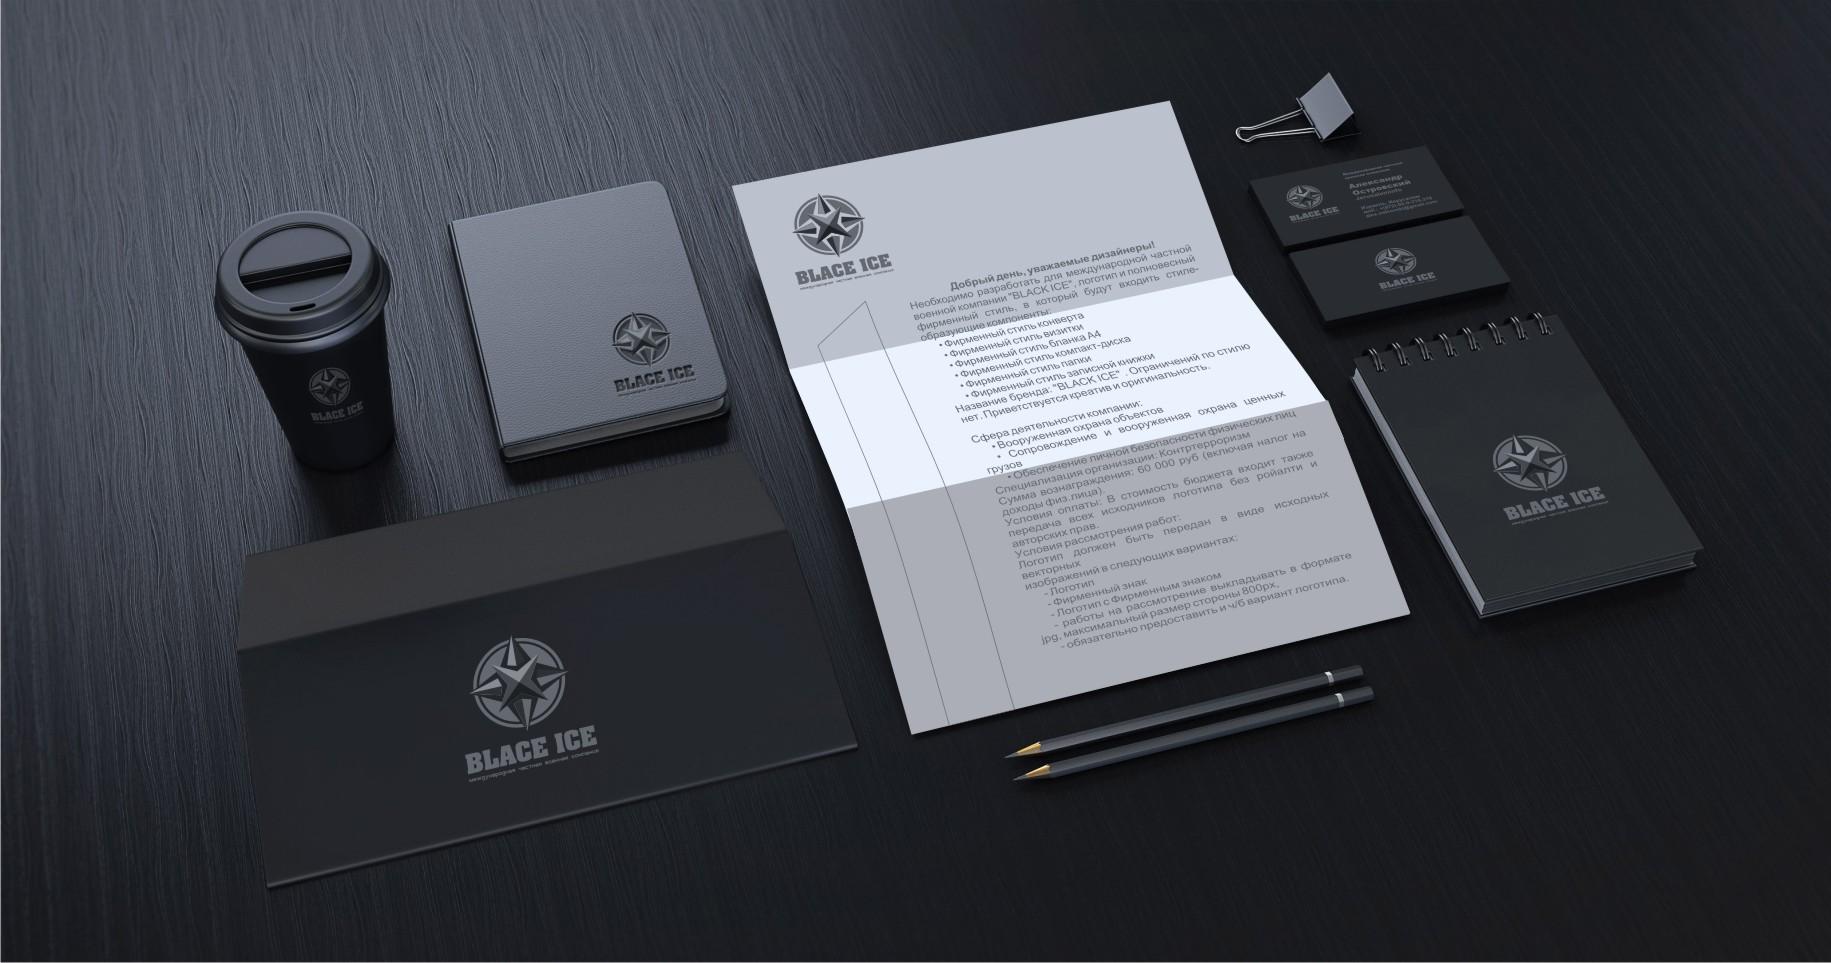 """Логотип + Фирменный стиль для компании """"BLACK ICE"""" фото f_56456ebd26987083.jpg"""